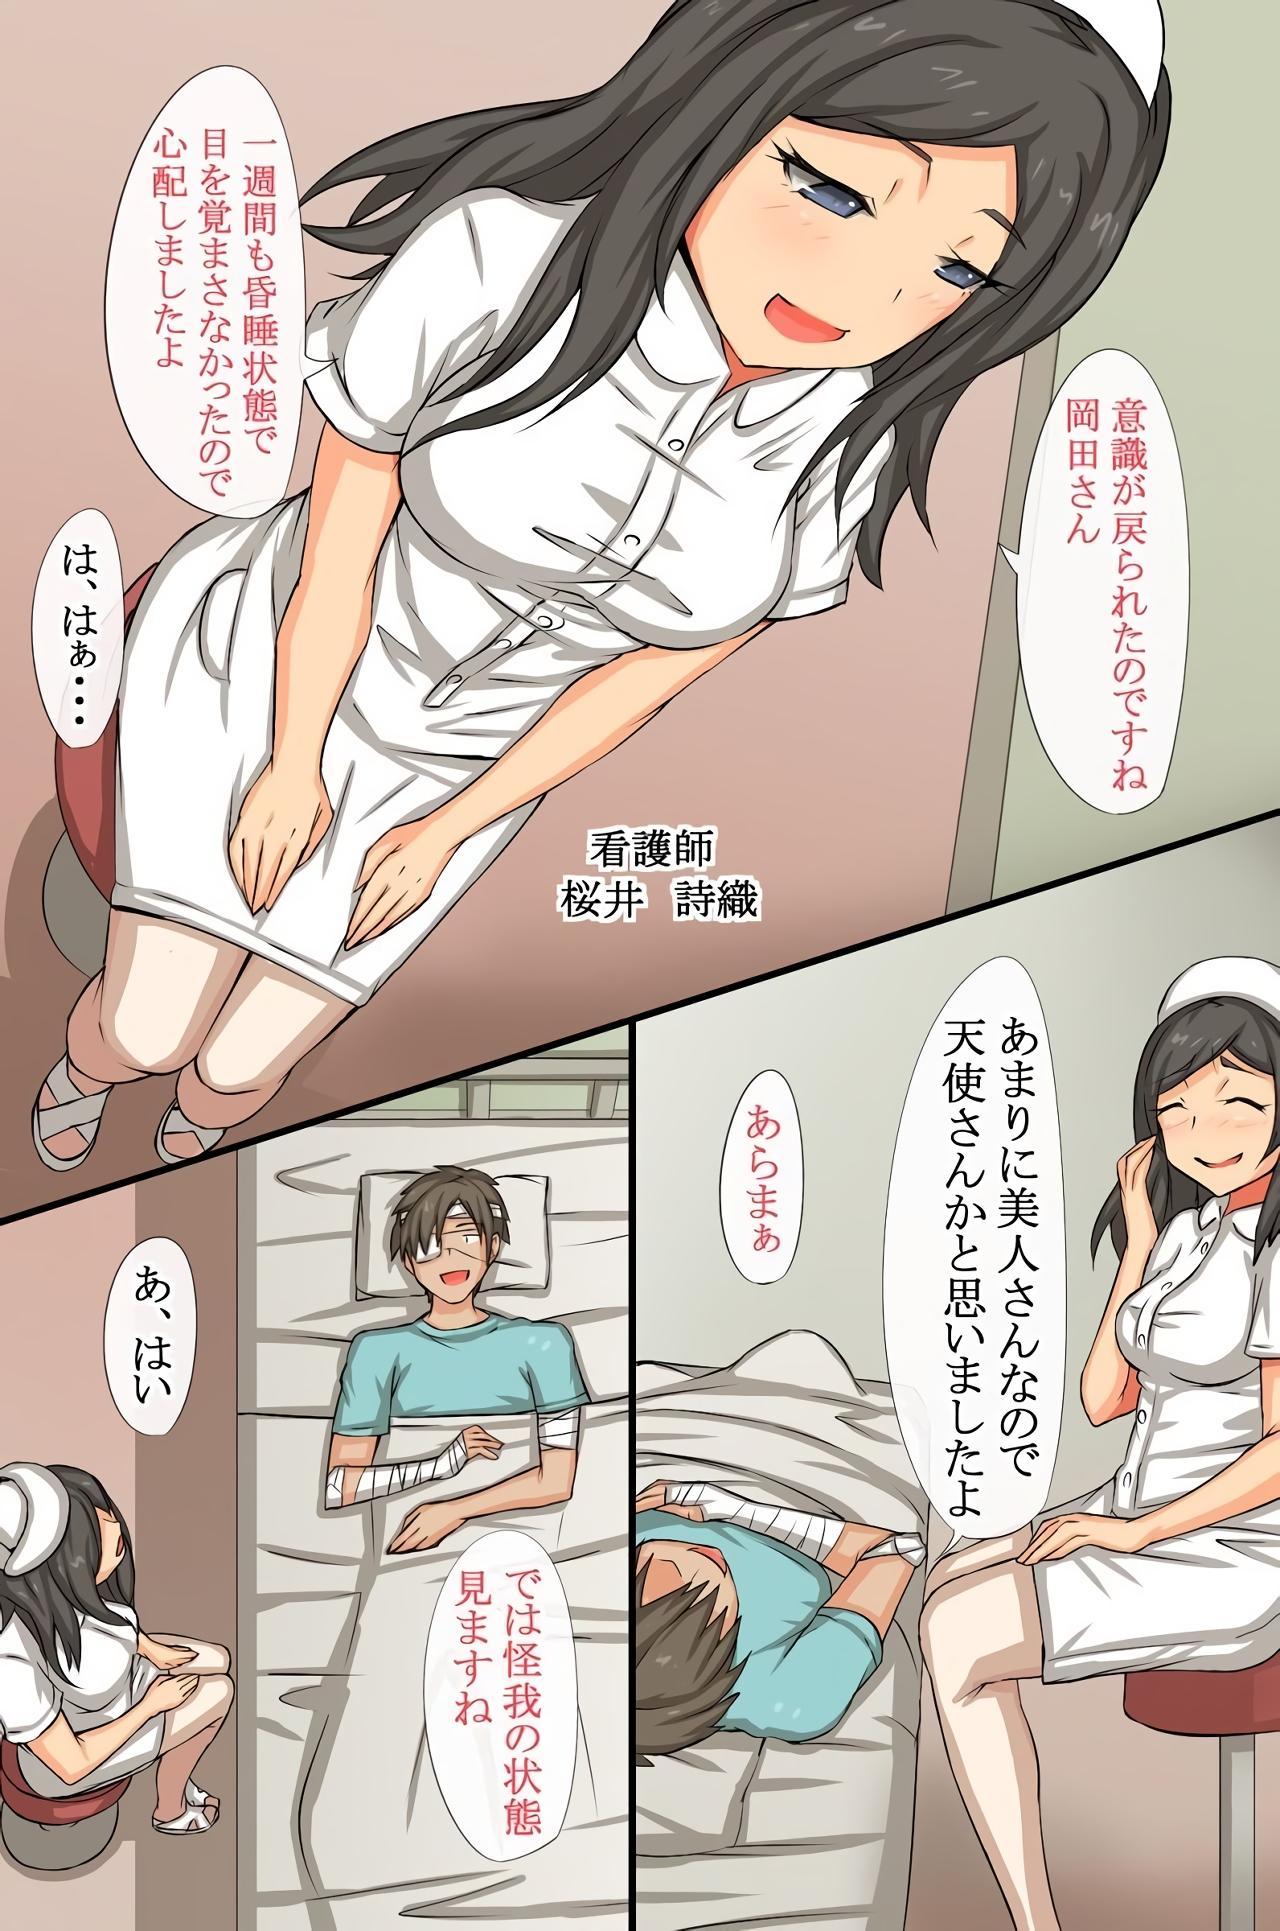 Mainichi Pakopako! Saimin Hamemakuri Nyuuin Seikatsu 3